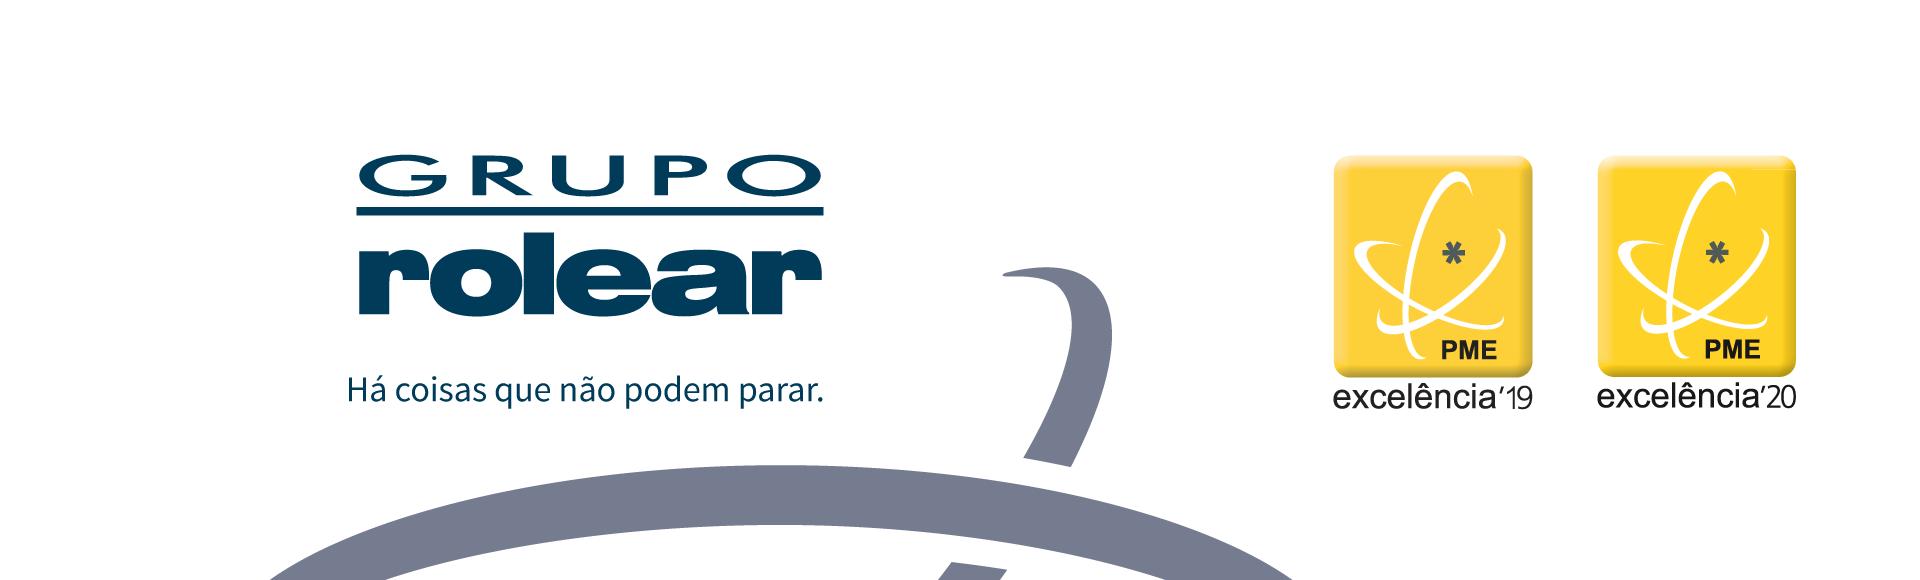 Rolear recebe distinção PME Excelência 2020